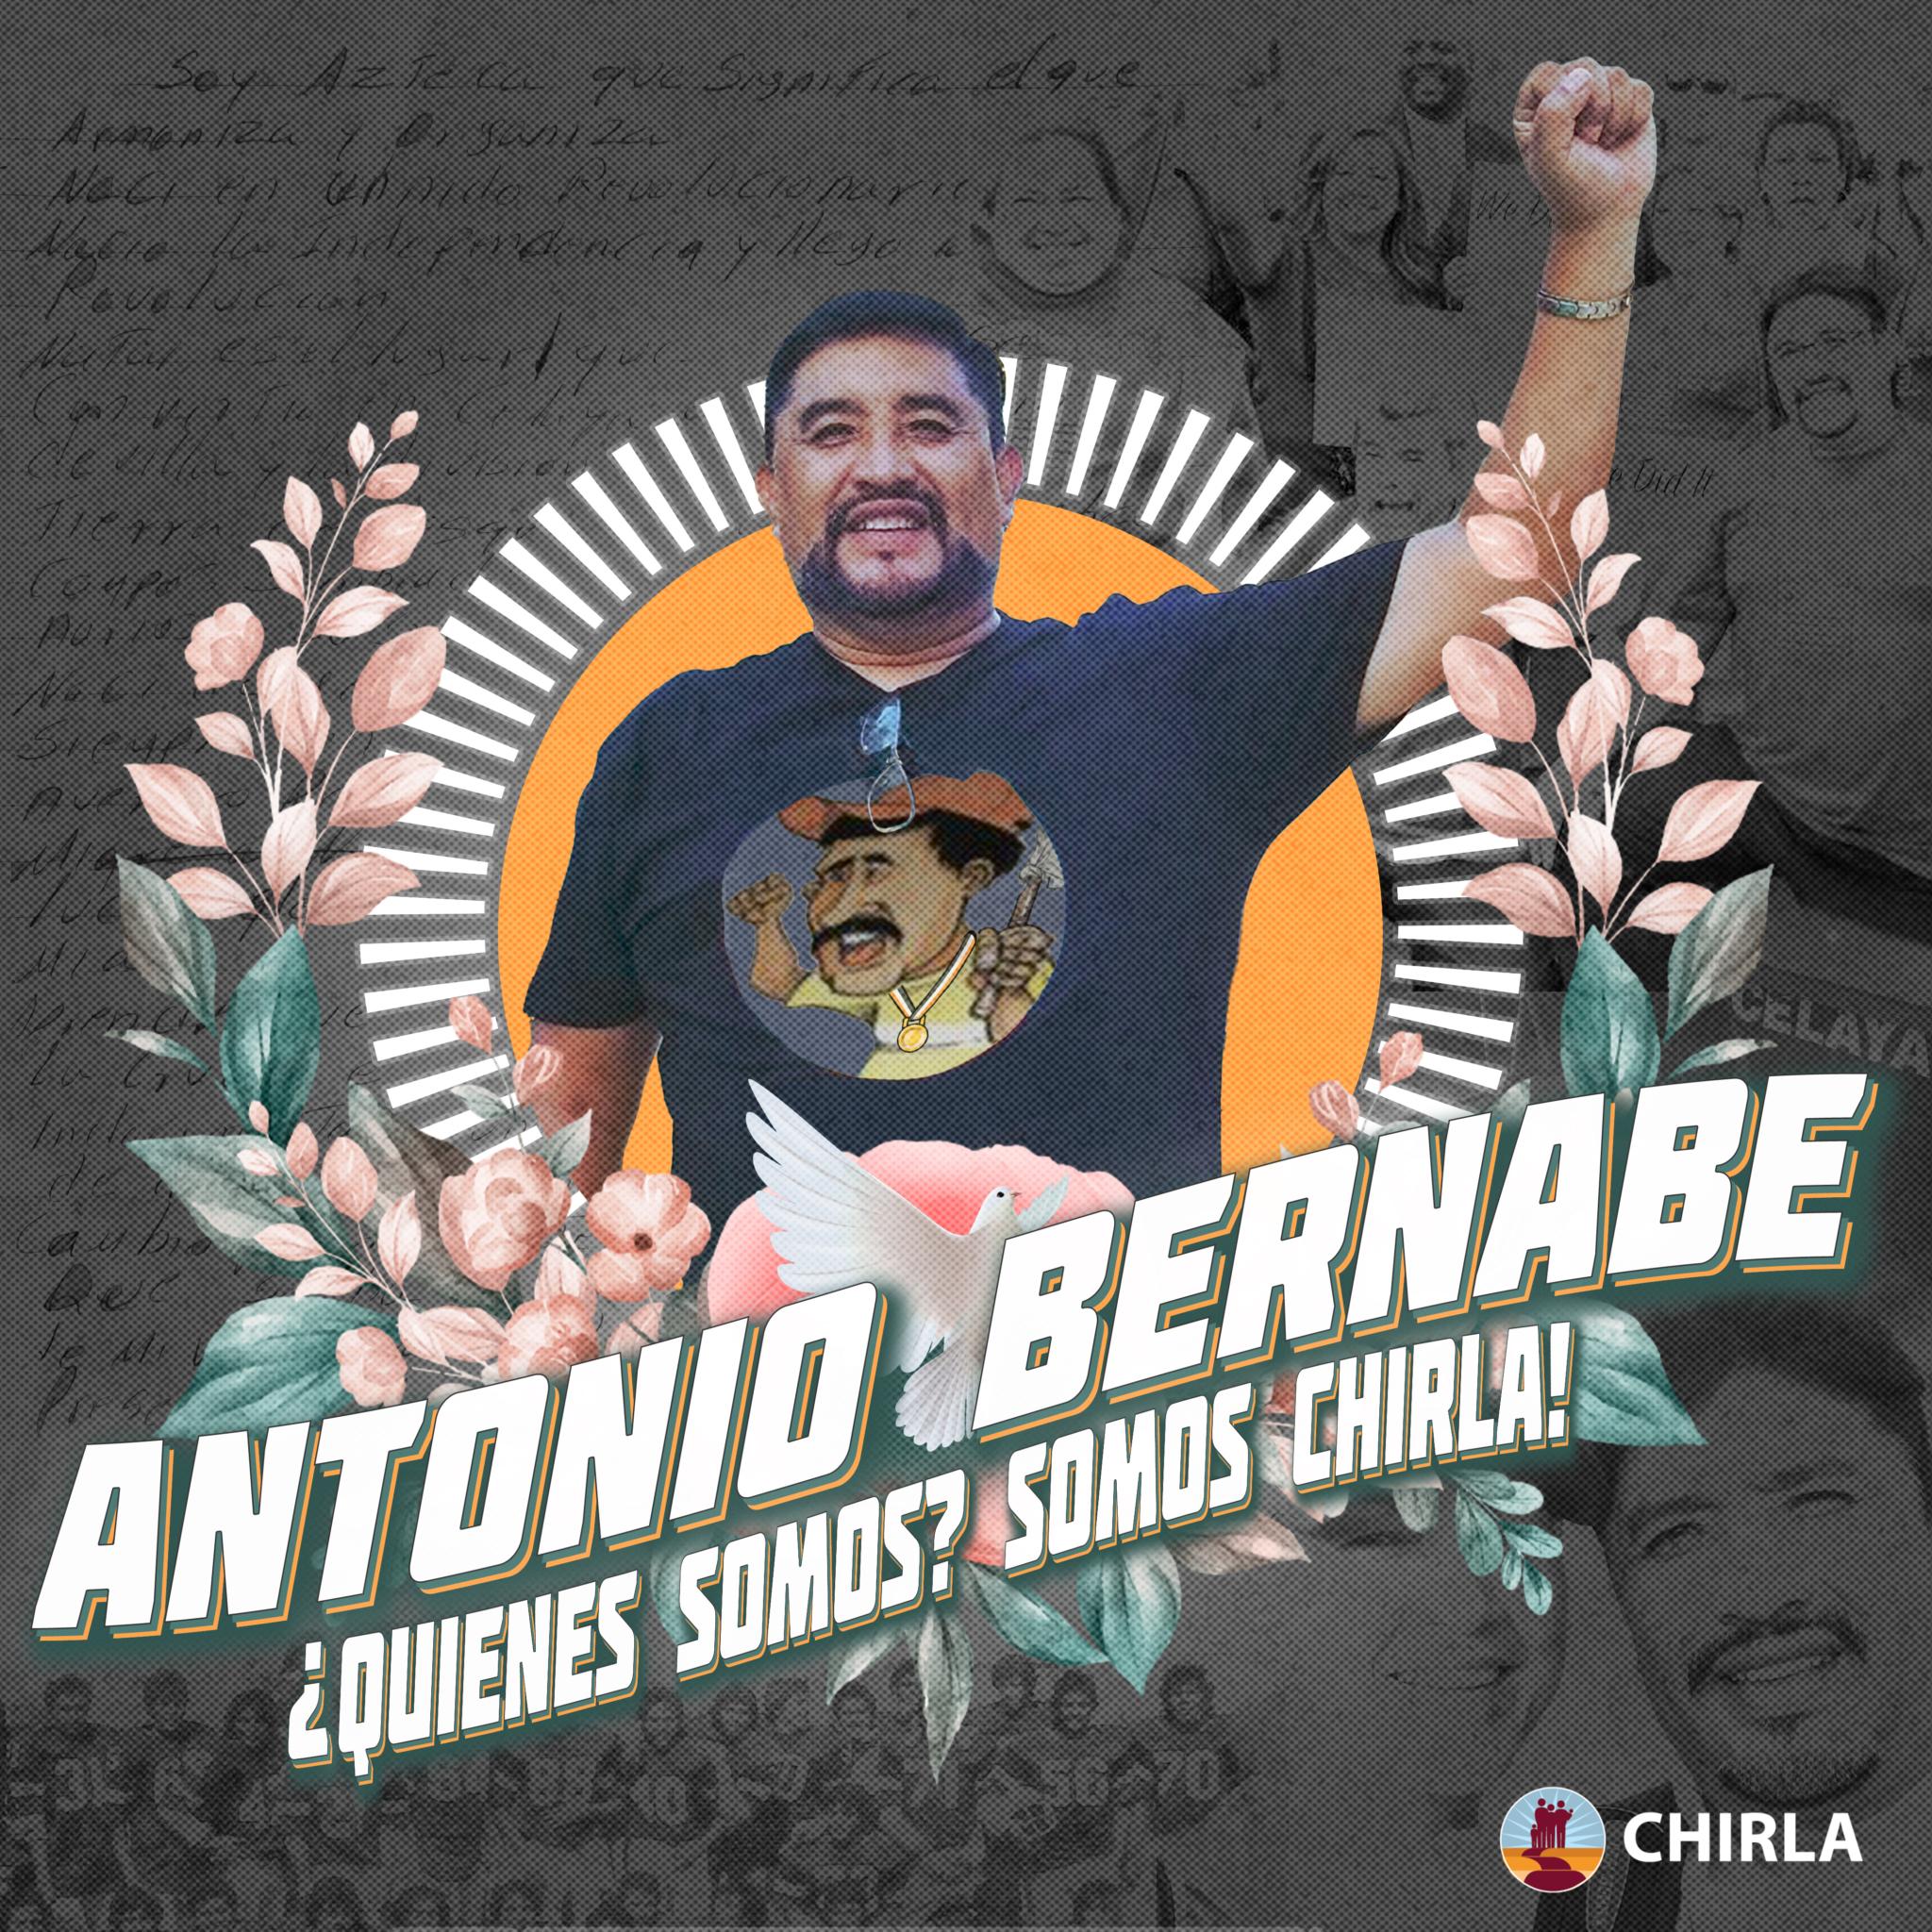 Tony Tribute - CHIRLA